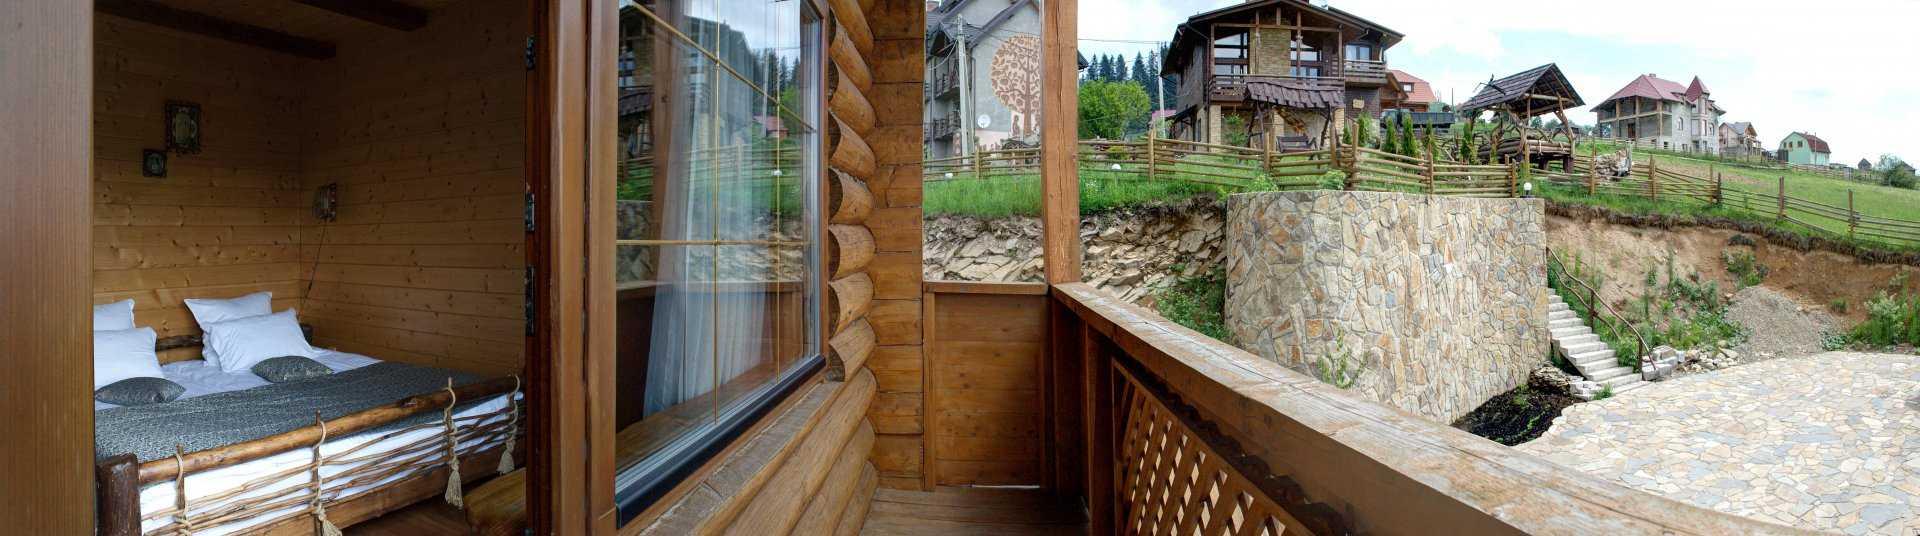 Номер Півлюкс №1 з балконом | Стара Правда